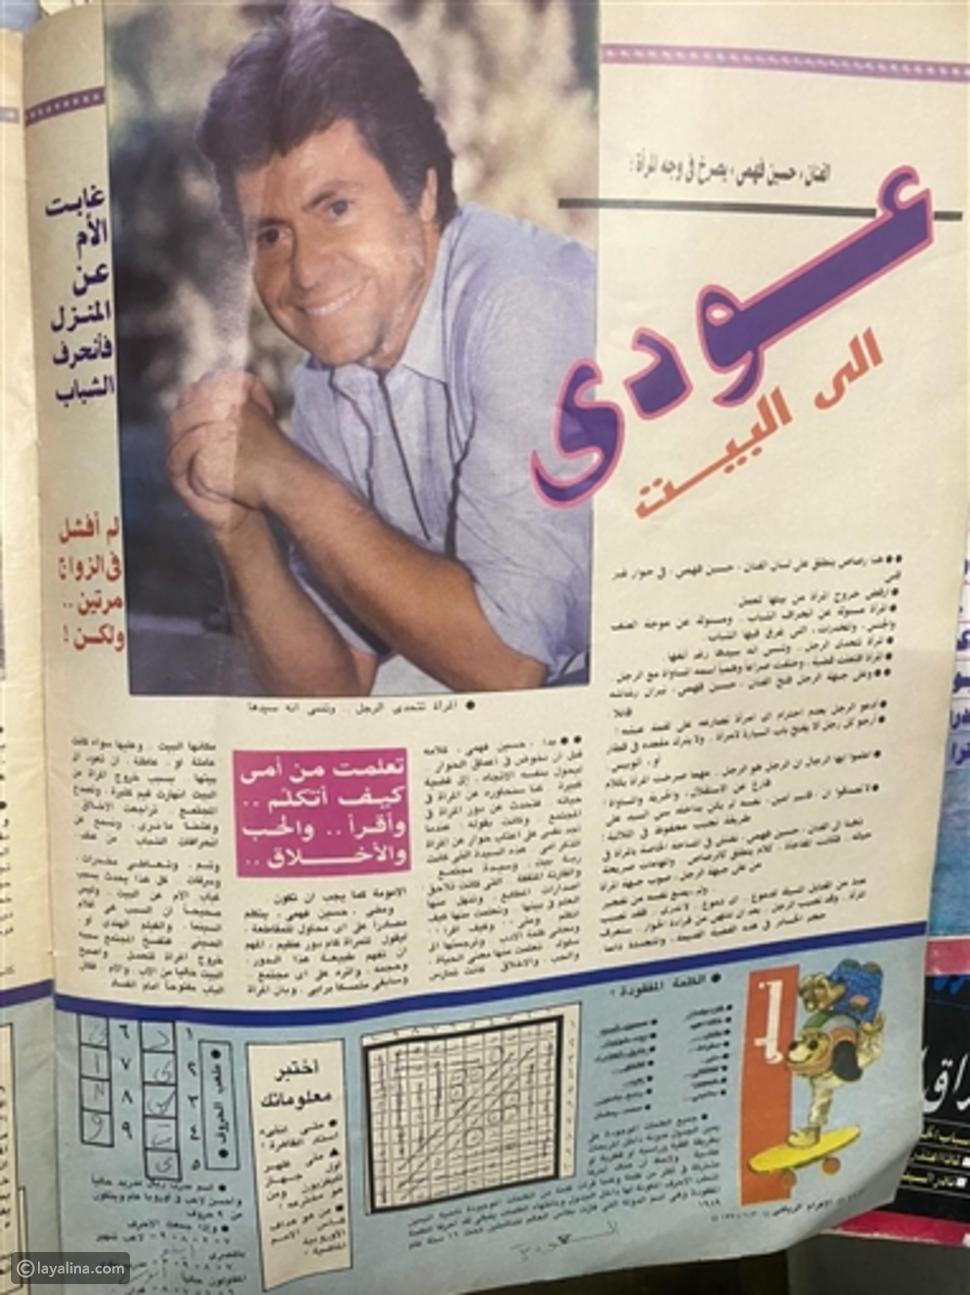 حسين فهمي يثير الجدل بتصريحاته عن المرأة: مكانك الطبيعي في المنزل